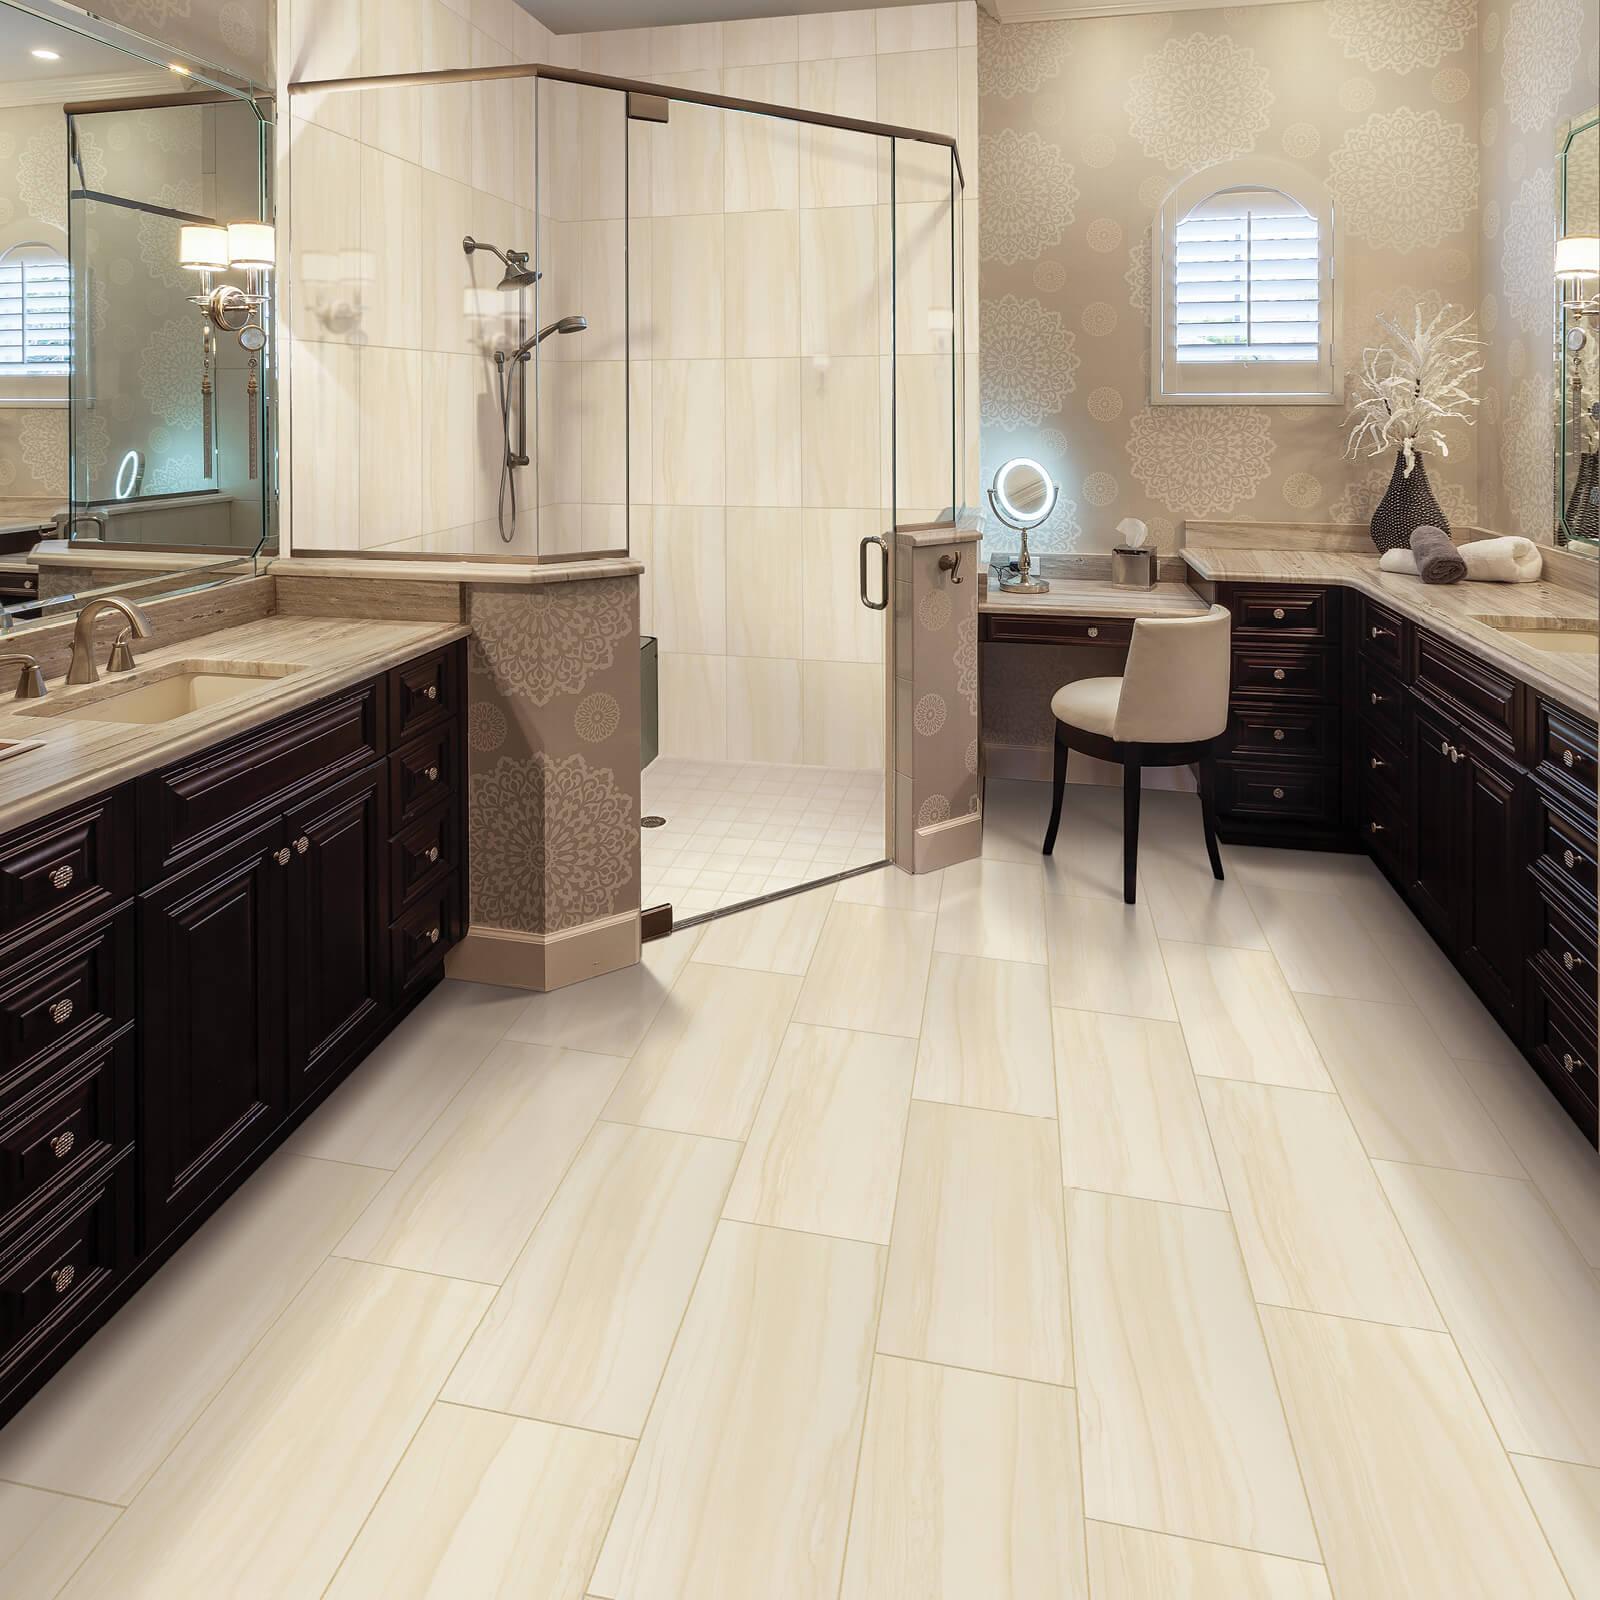 Beaubridge Arctic White Tile | Dolphin Carpet & Tile